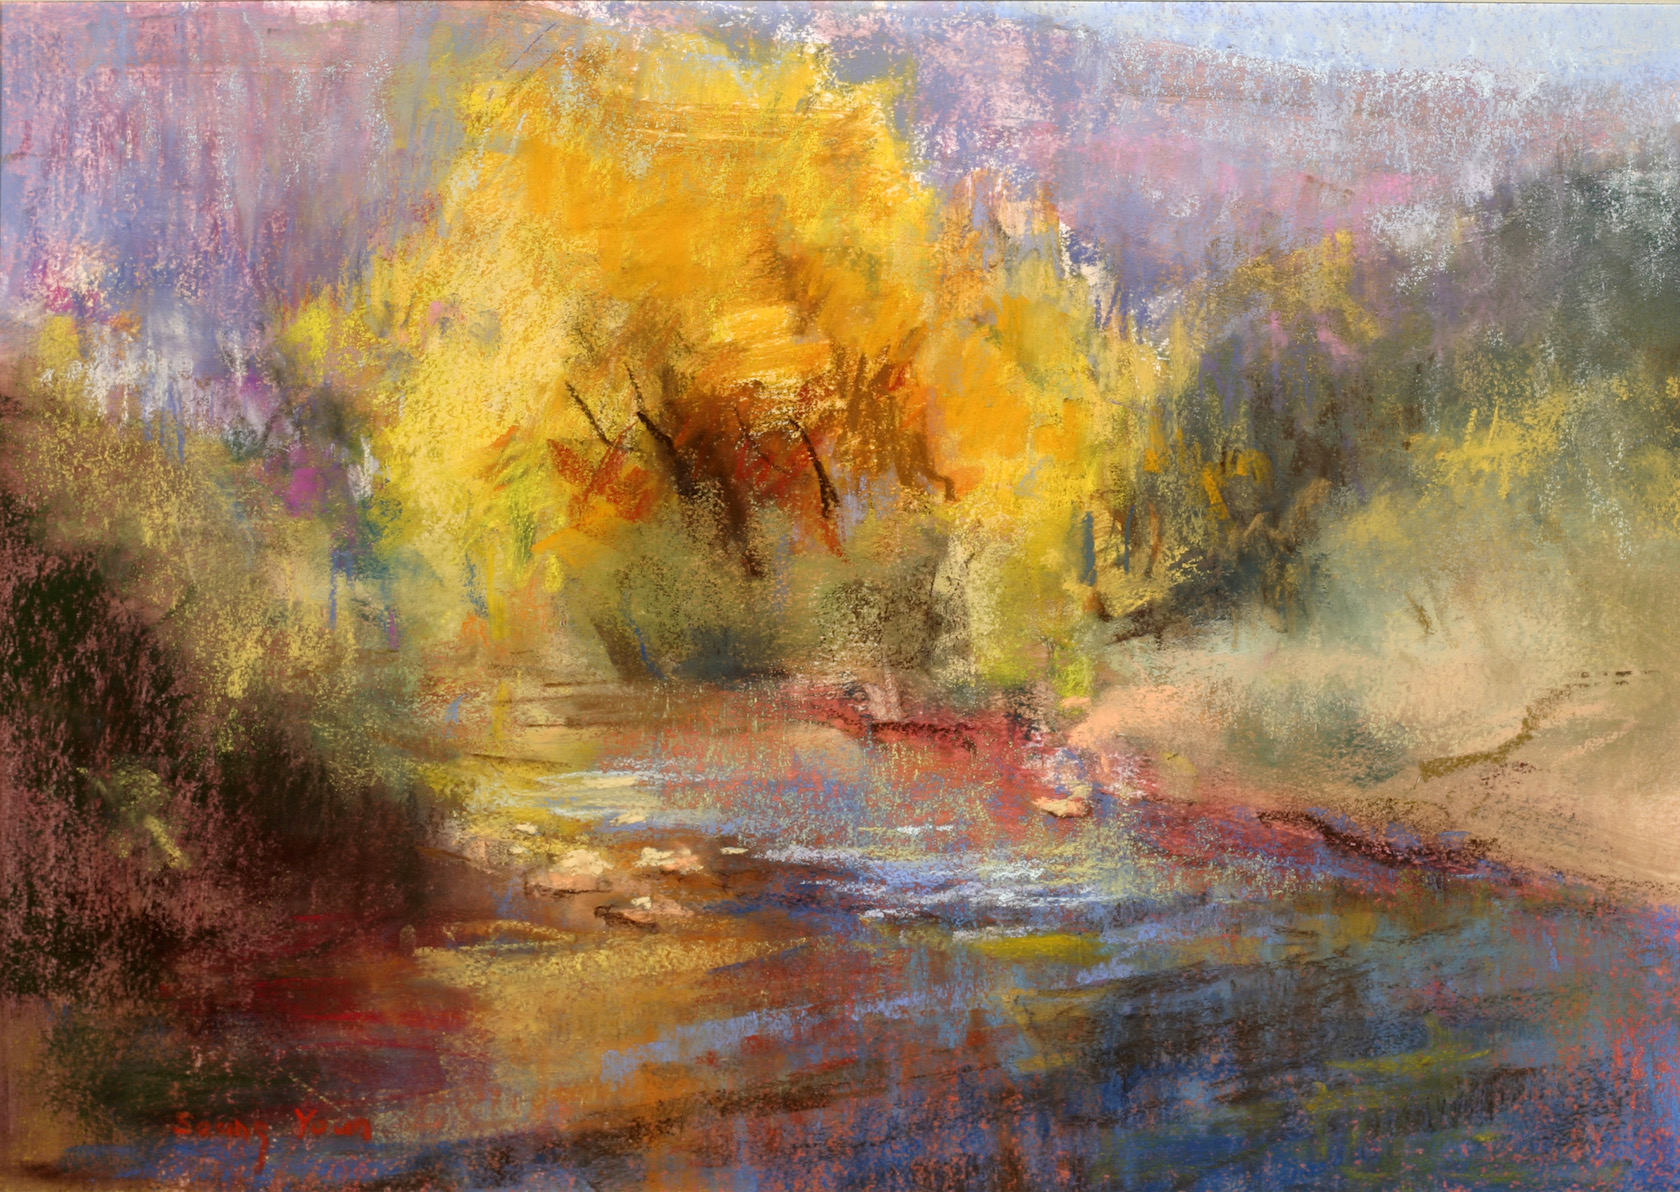 Jemez River